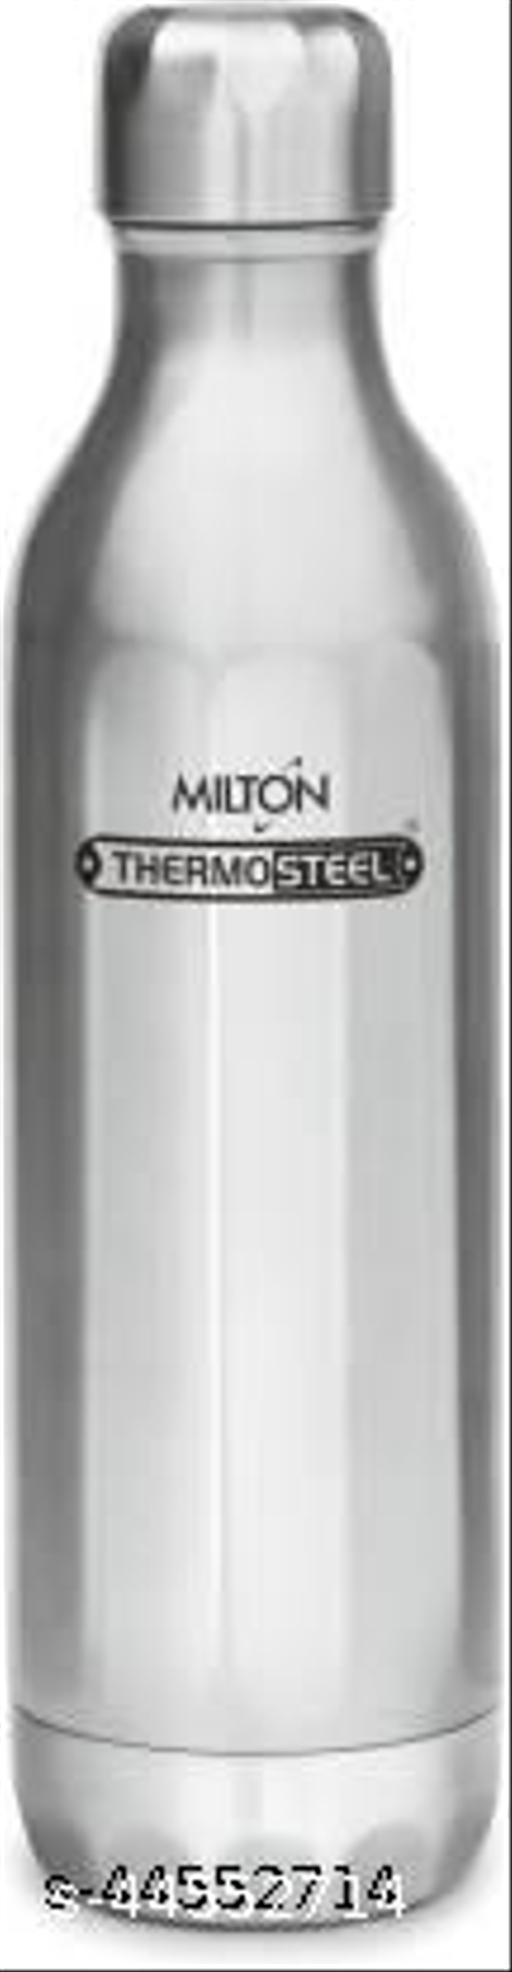 Milton Bliss 900 (790 ml) Bottle- Silver